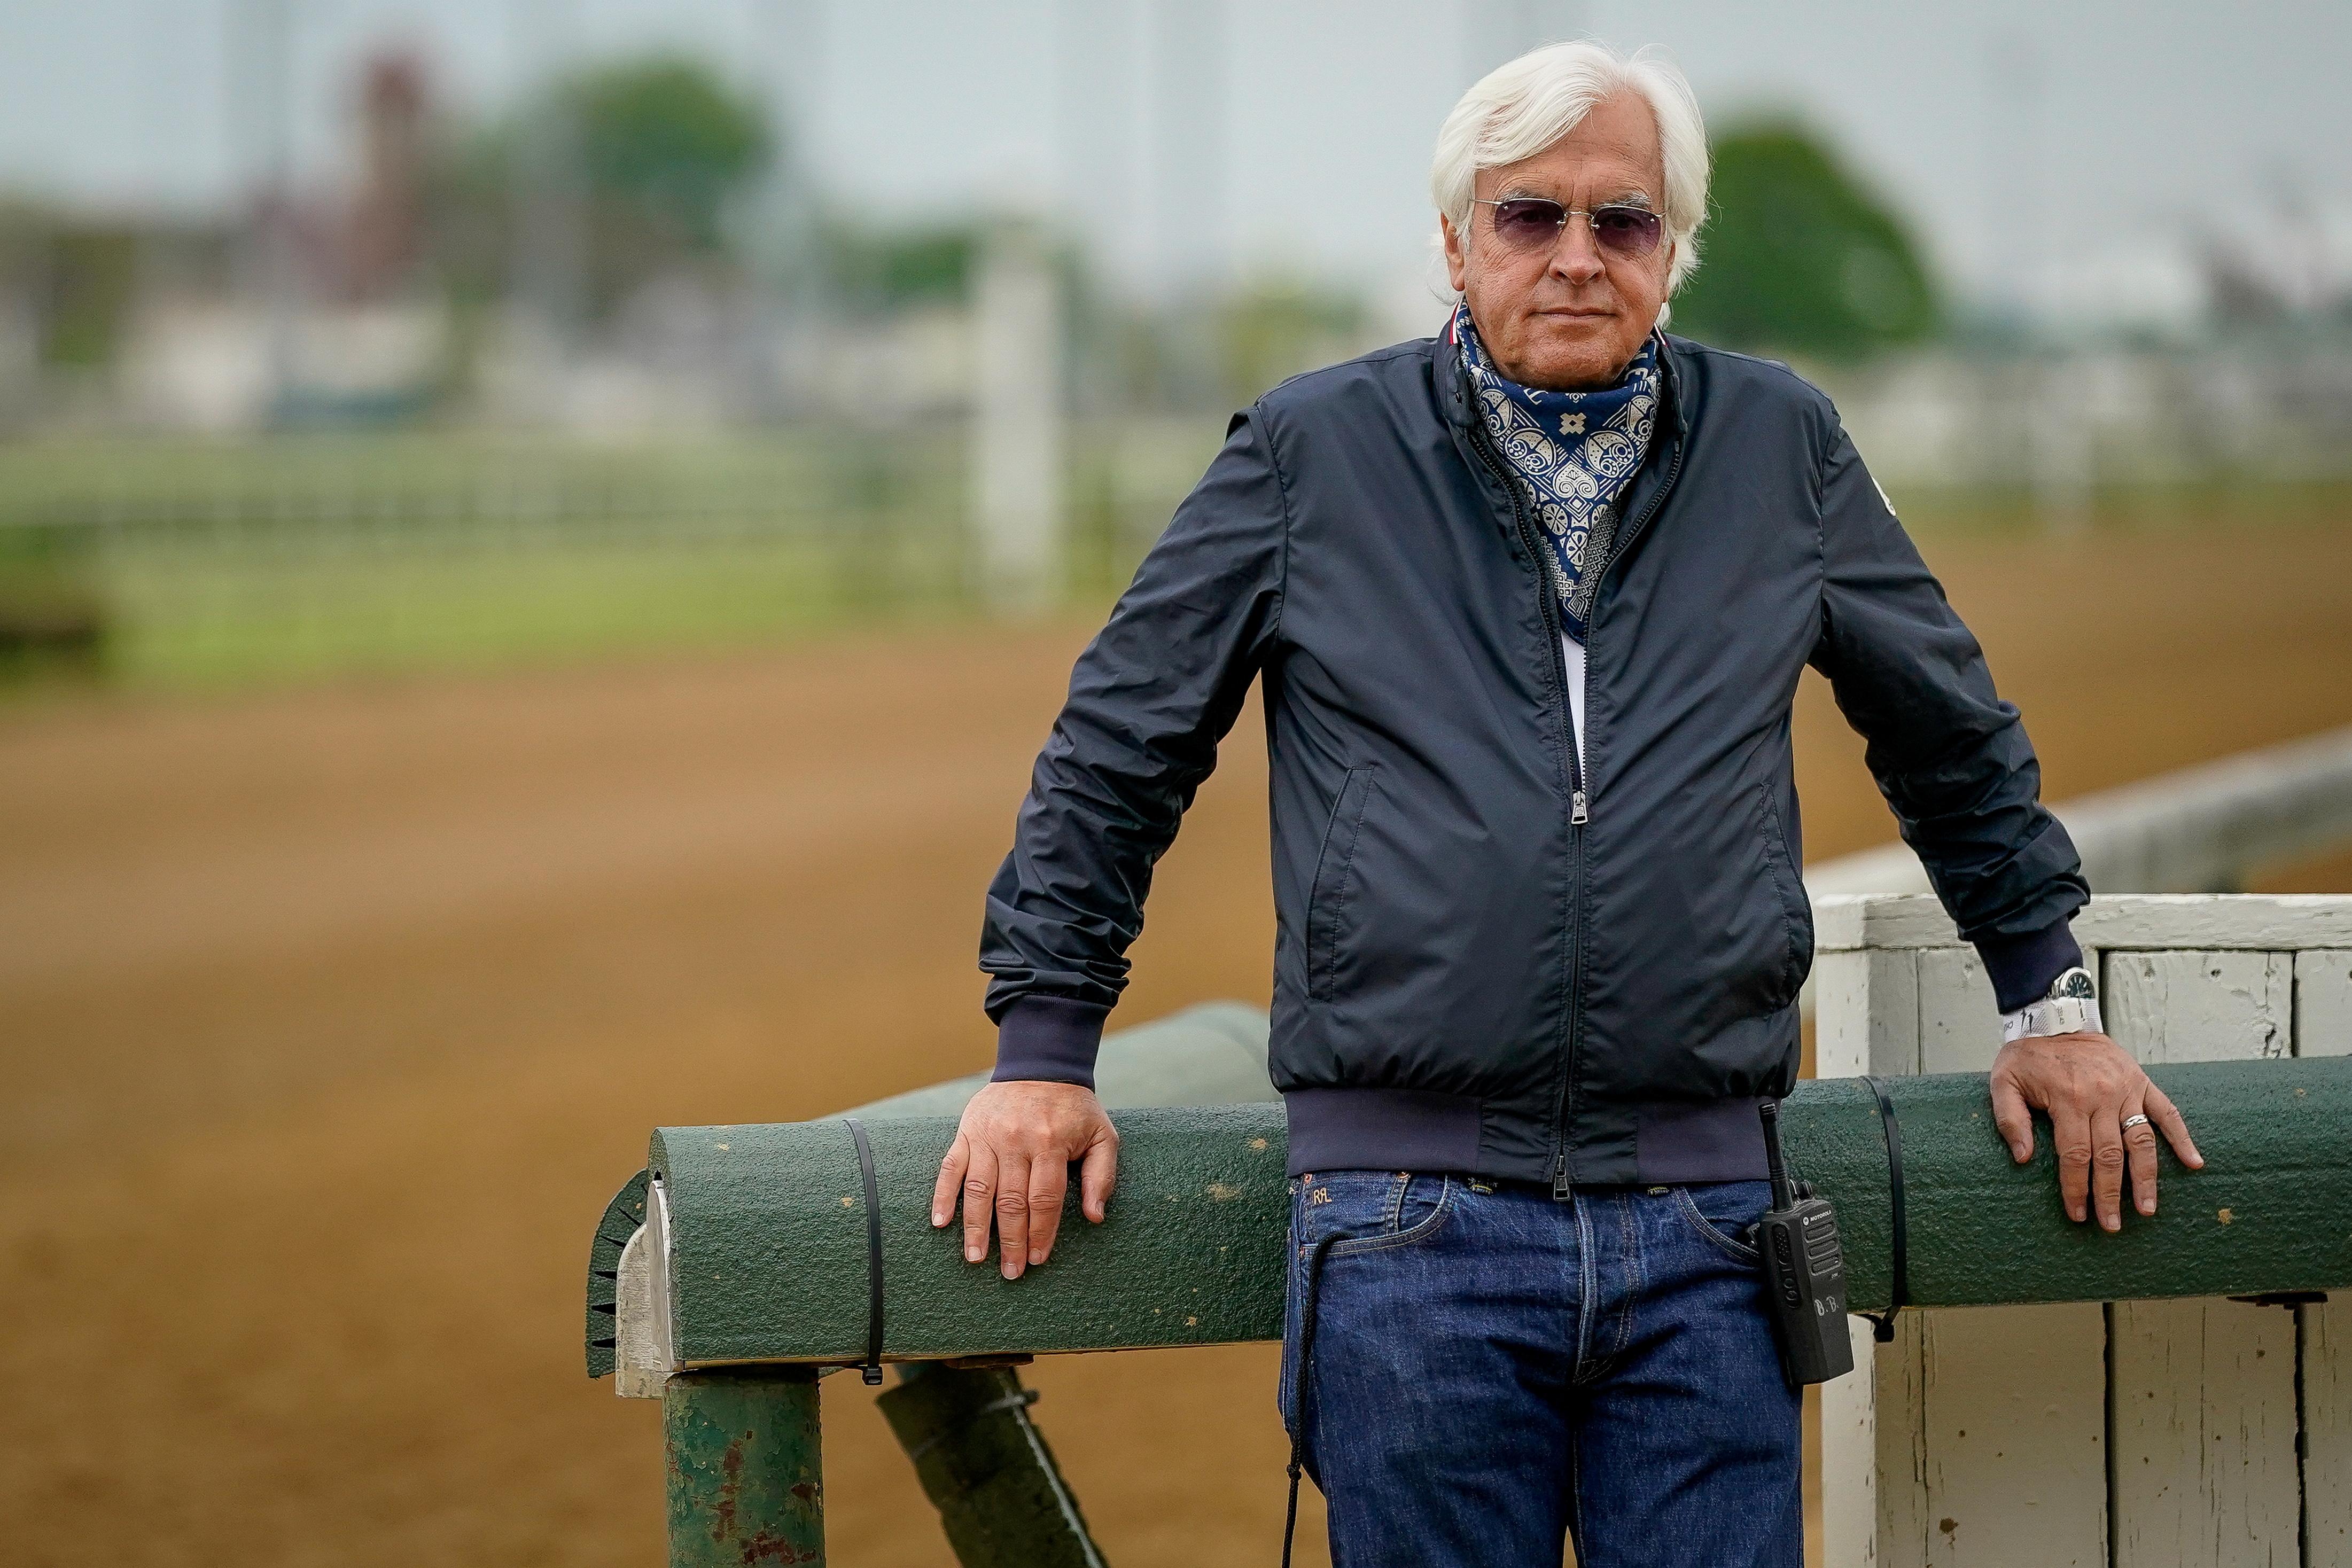 Bob Baffert, trainer of Kentucky Derby winner Medina Spirit, stands near the track at Churchill Downs in Louisville, Kentucky, U.S. April 28, 2021. REUTERS/Bryan Woolston/File Photo